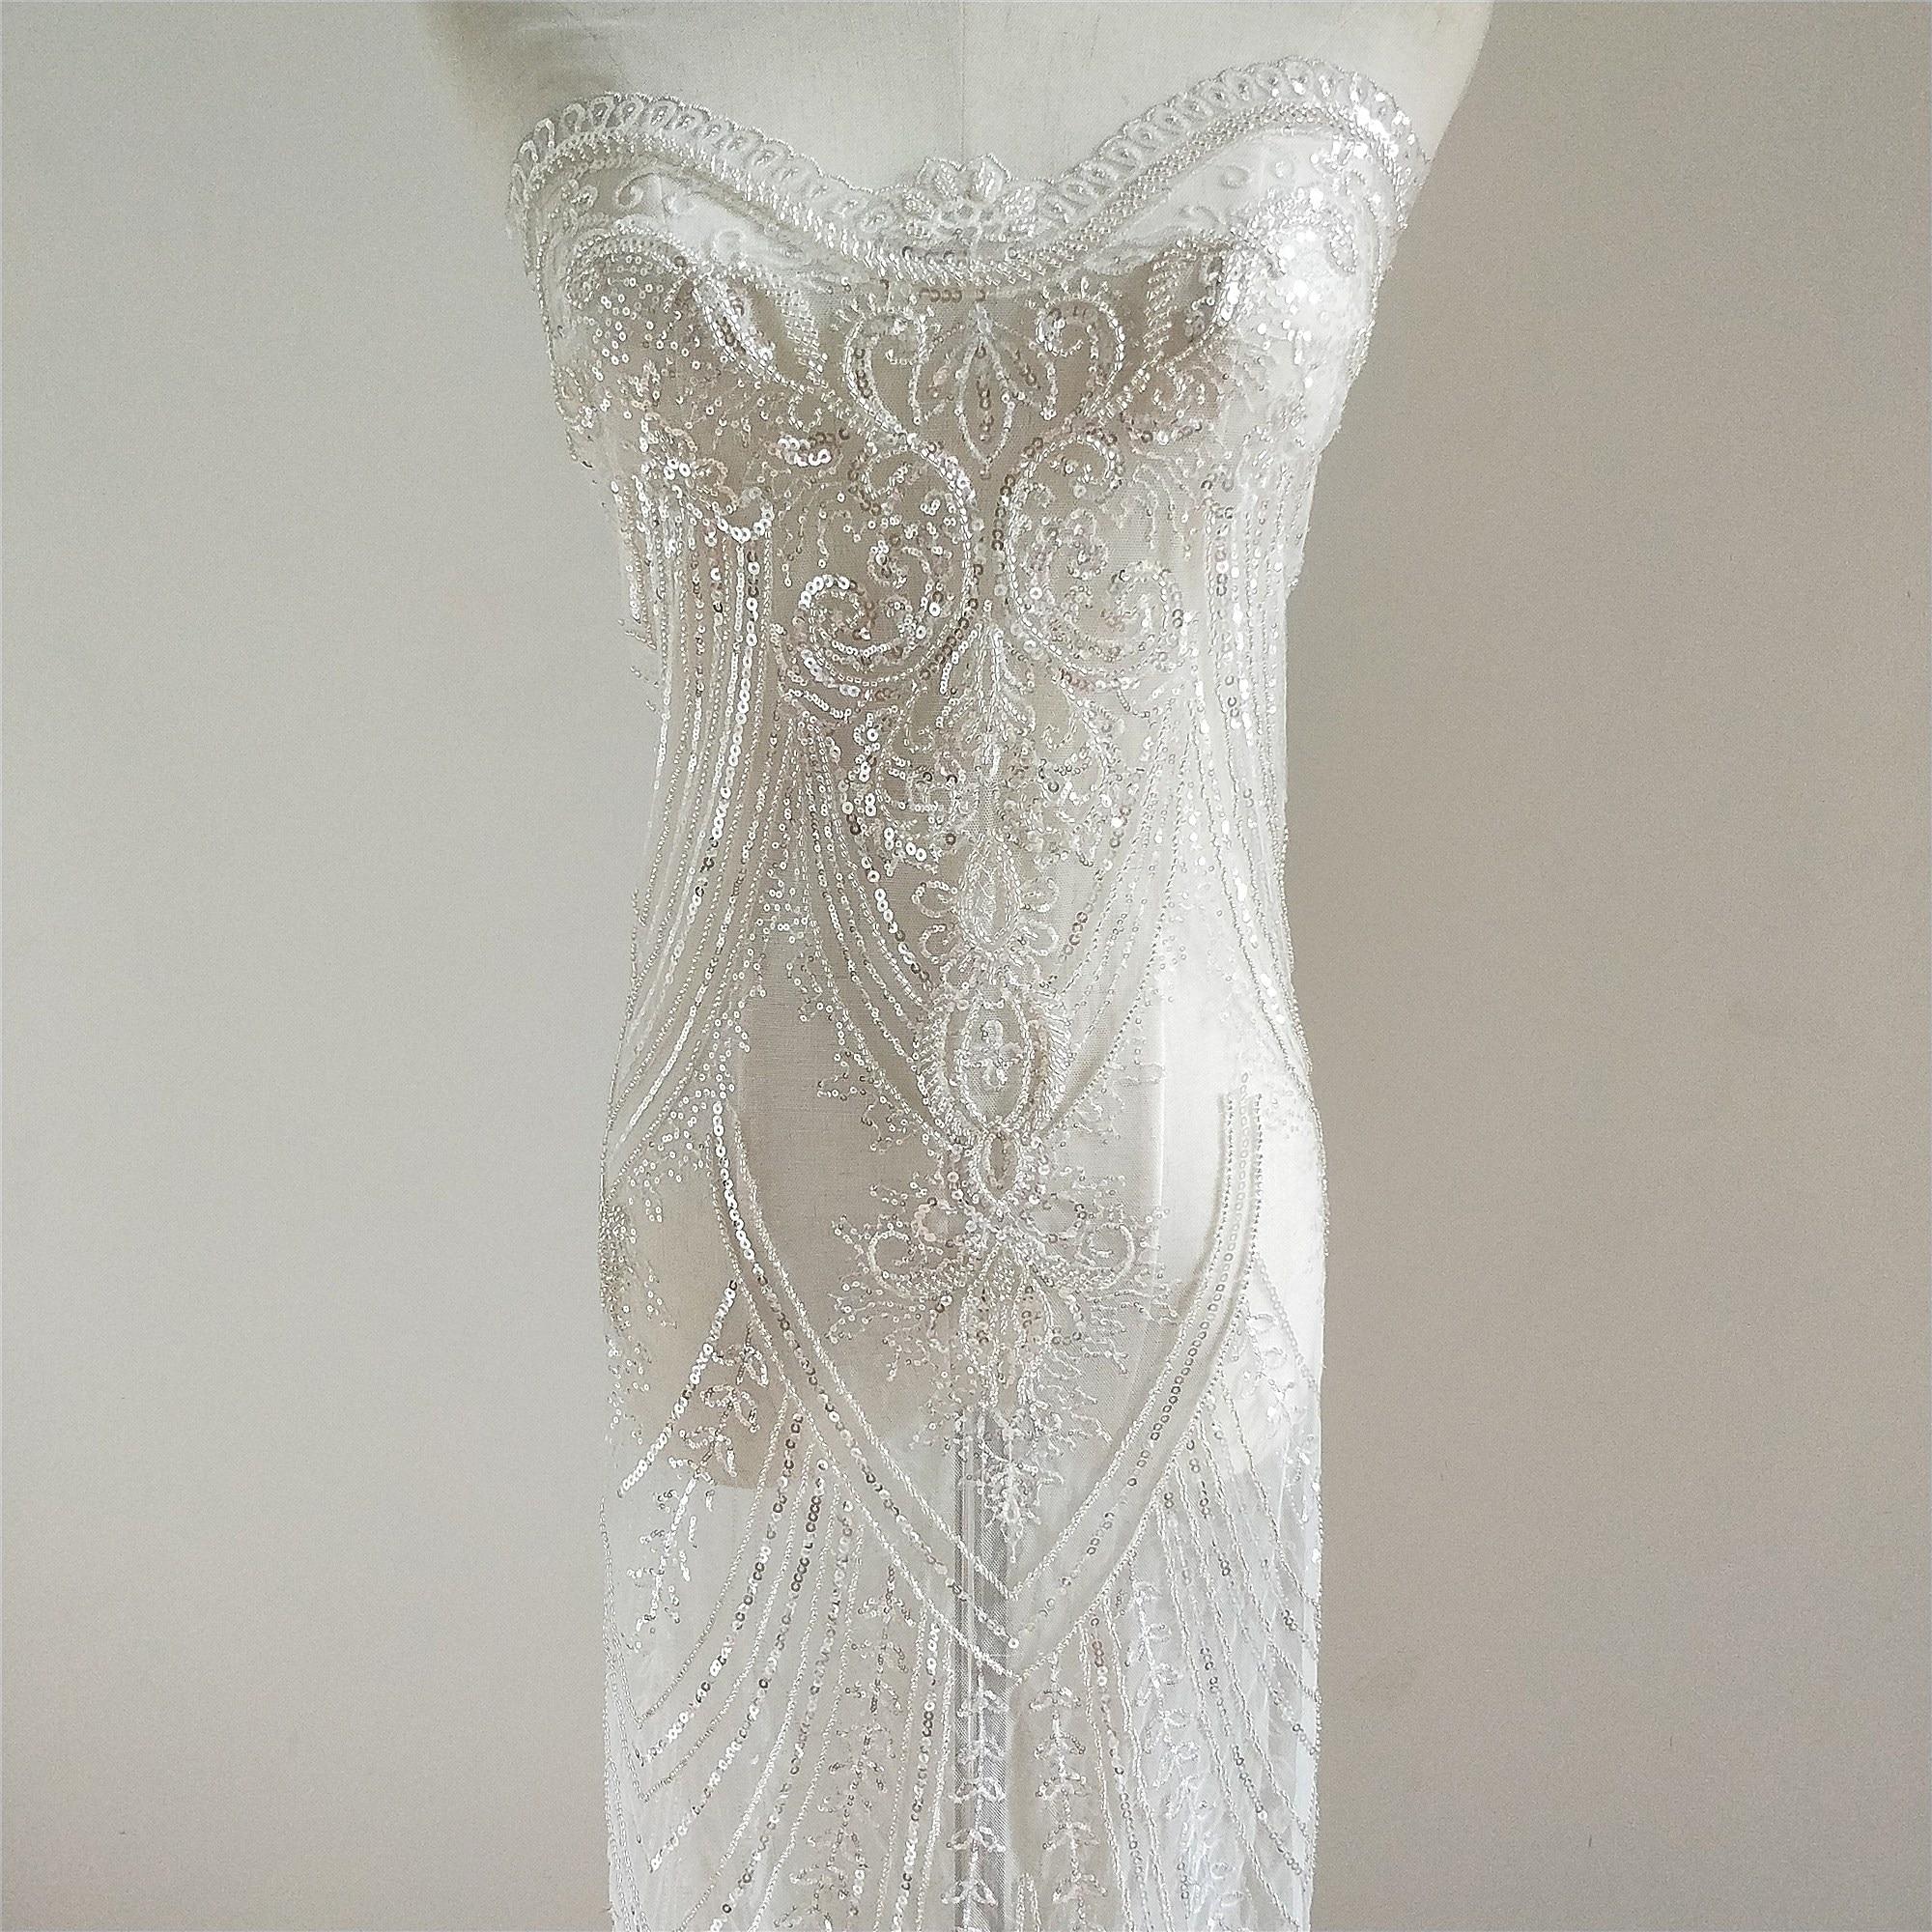 Nouvelles perles de broderie de luxe haut de gamme robe de mariée européenne broderie sequin tissu bricolage accessoires